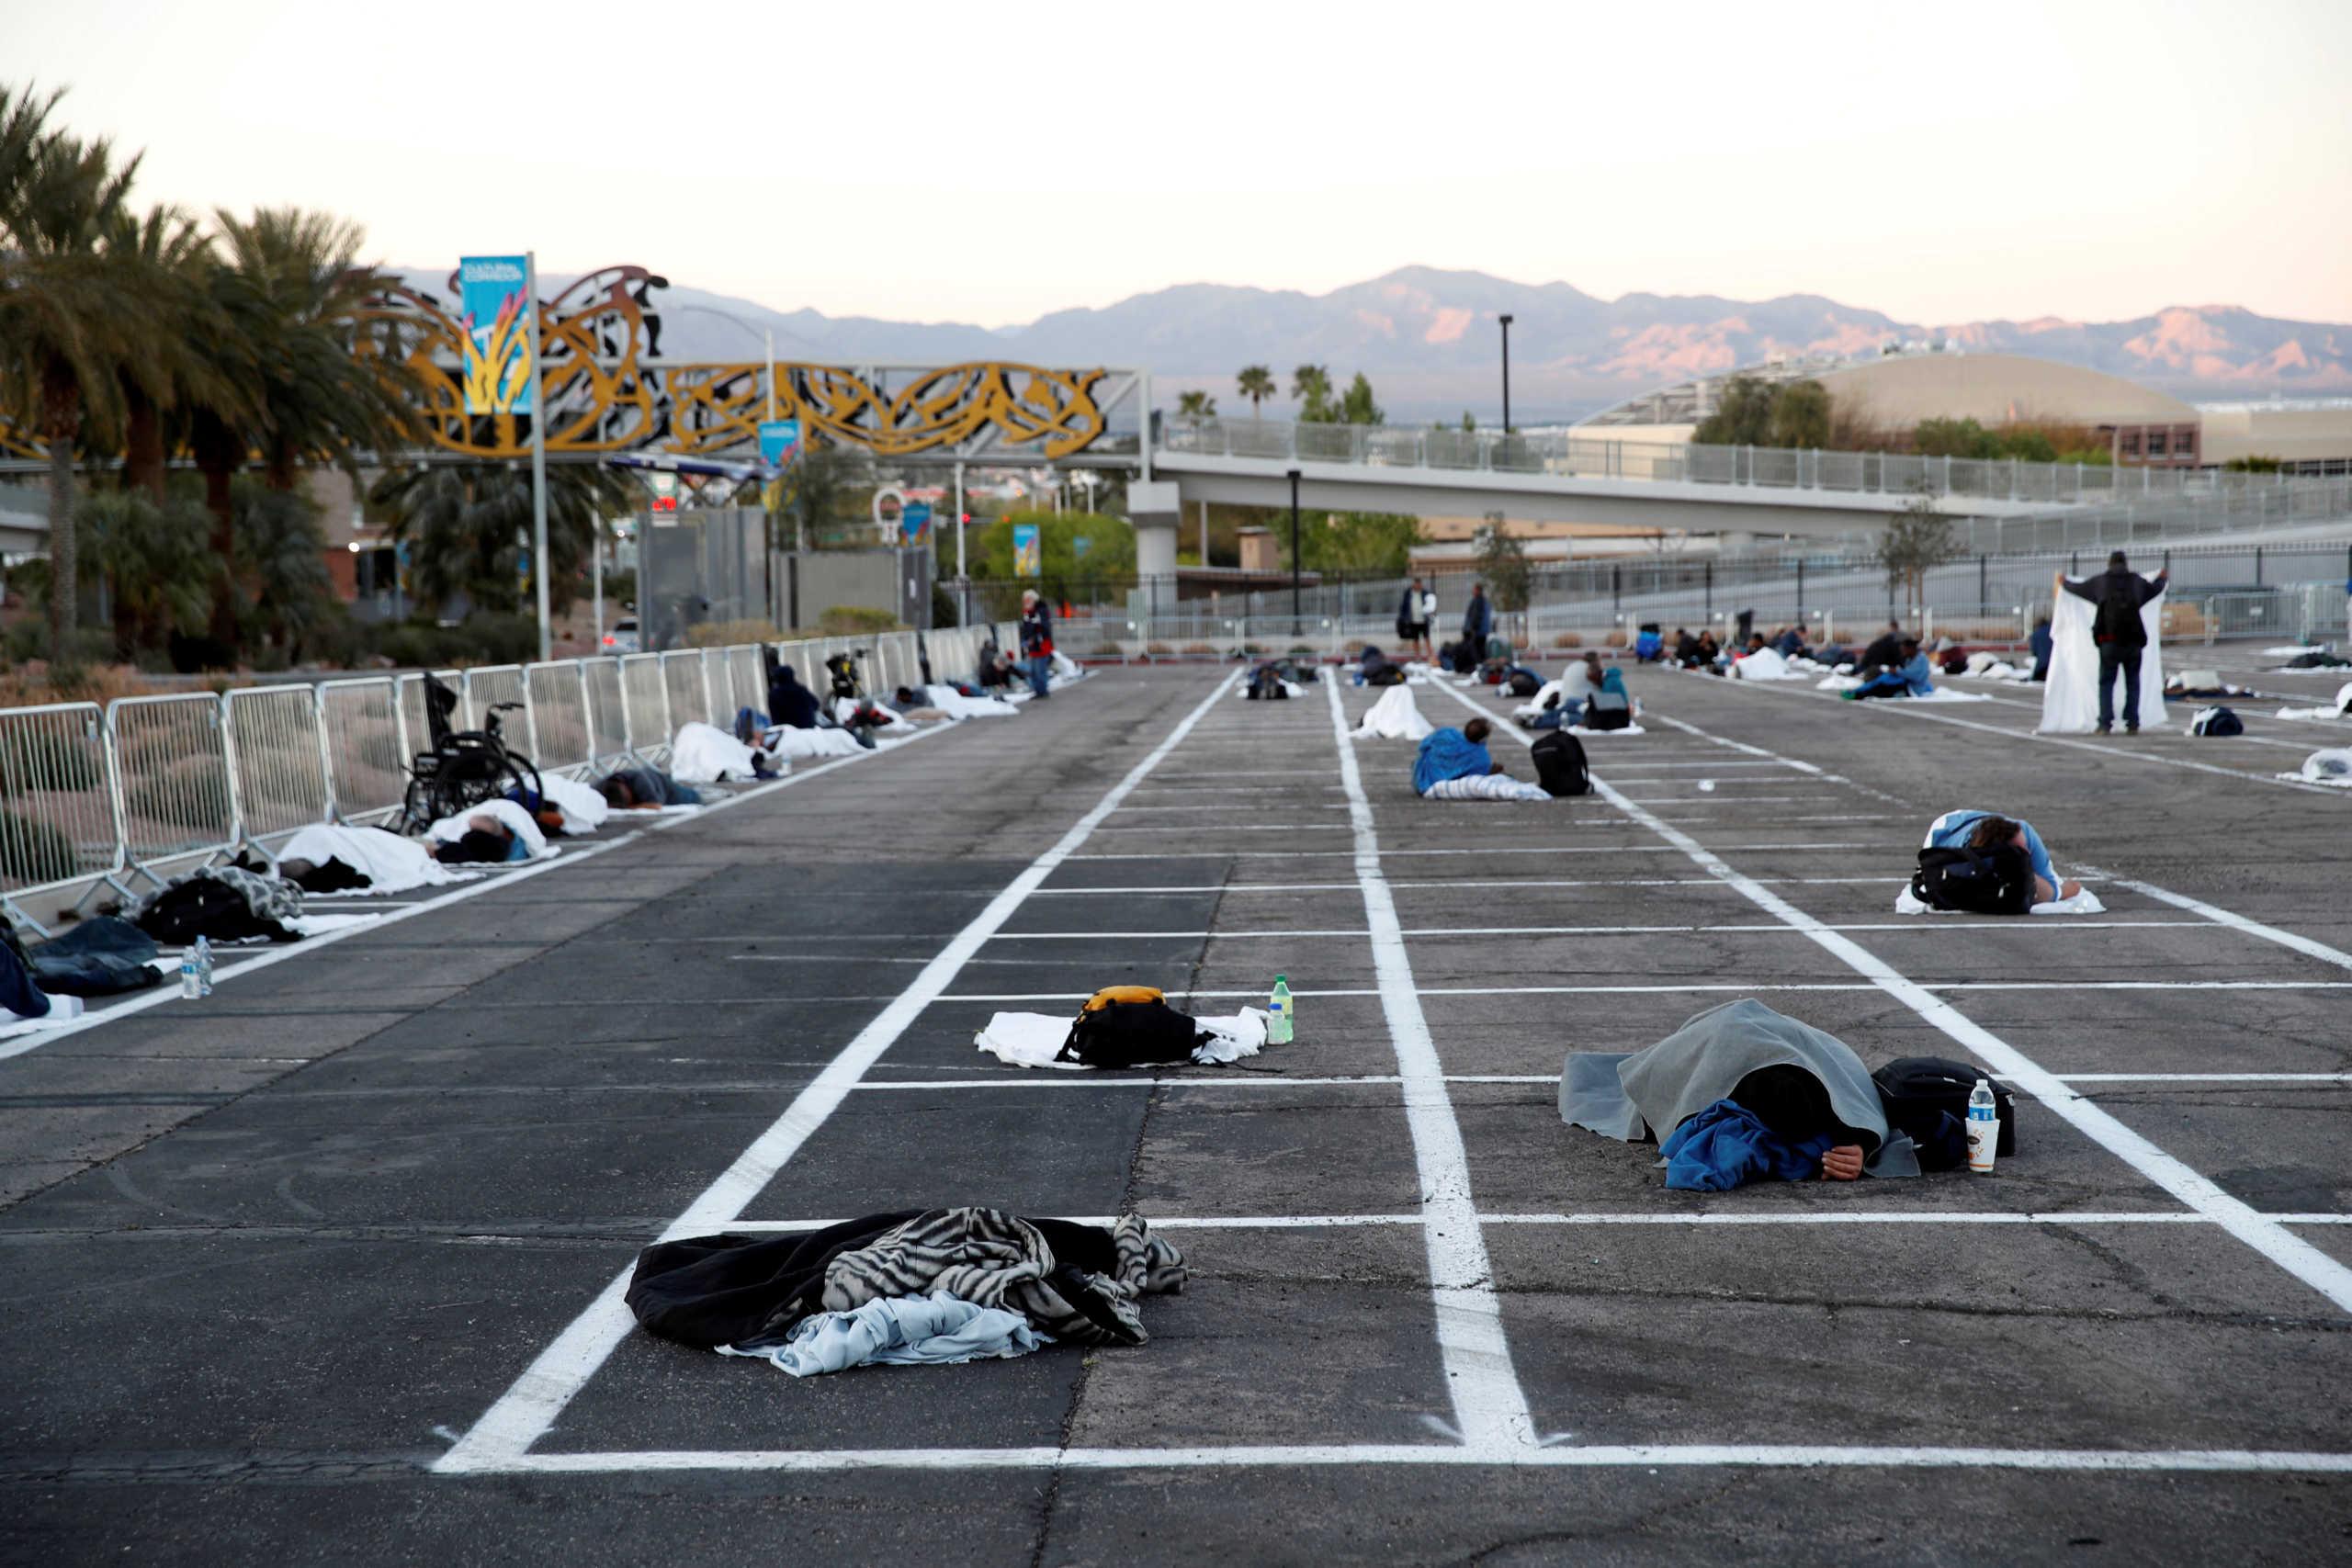 Εικόνα γροθιά στο στομάχι: Άστεγοι κοιμούνται με απόσταση 2 μέτρων σε ανοικτό πάρκινγκ στο Λας Βέγκας